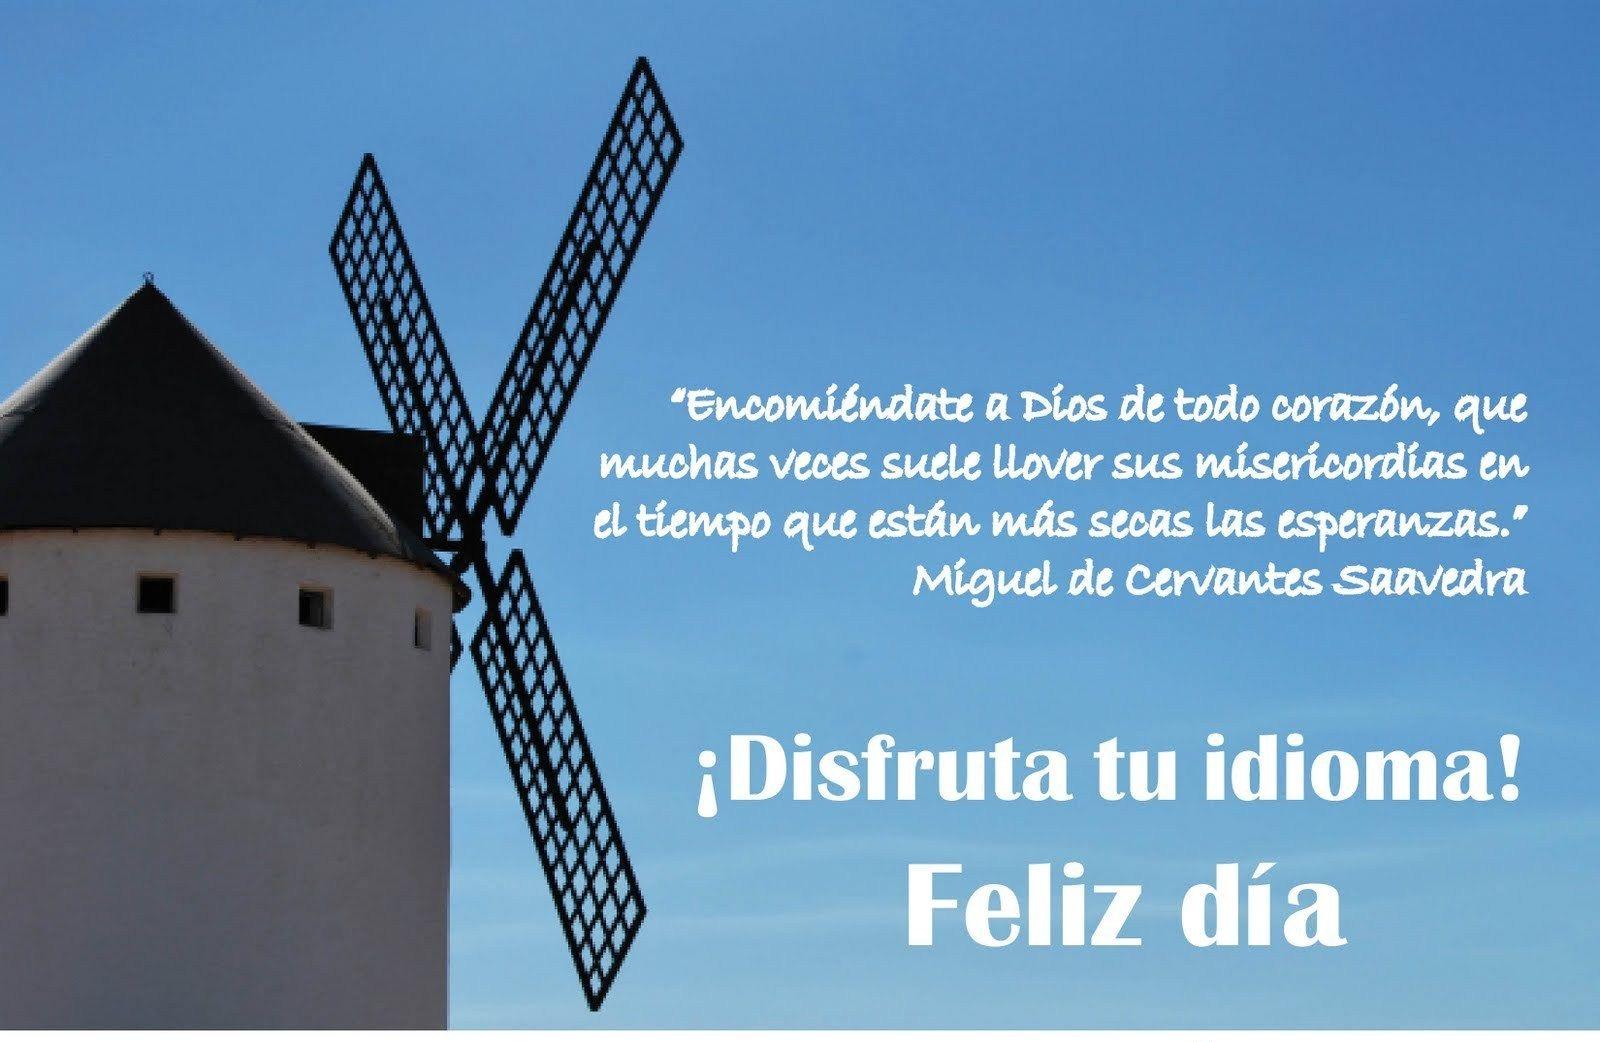 Feliz Día Del Idioma Imagenes Dia Del Idioma Dia Del